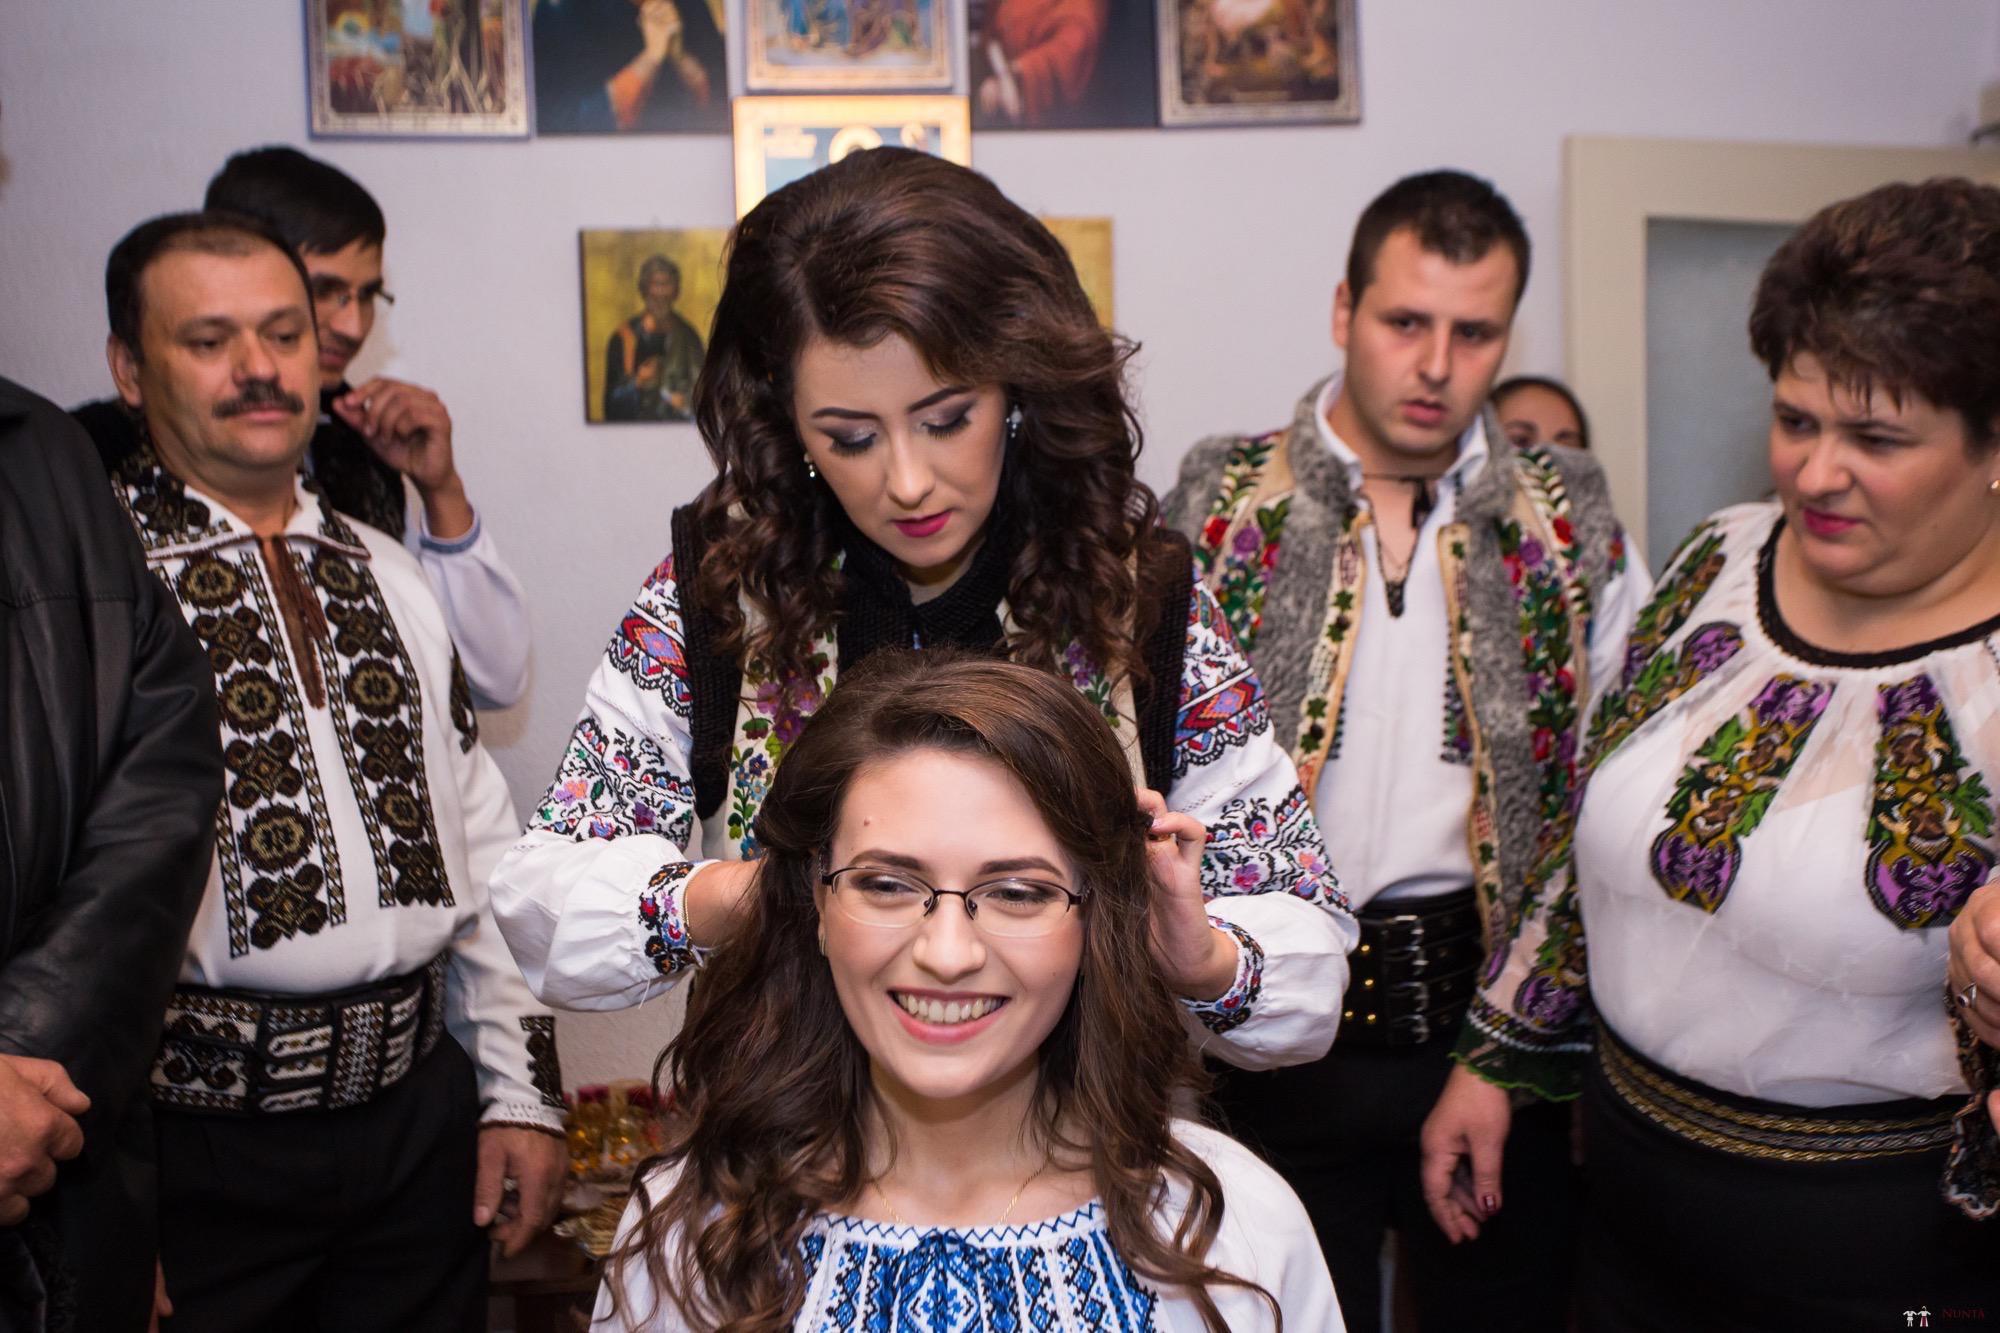 Povești Nunți Tradiționale - Ioana-Alexandra și Bogdan-Vasile. Nuntă tradițională în Fălticeni 5